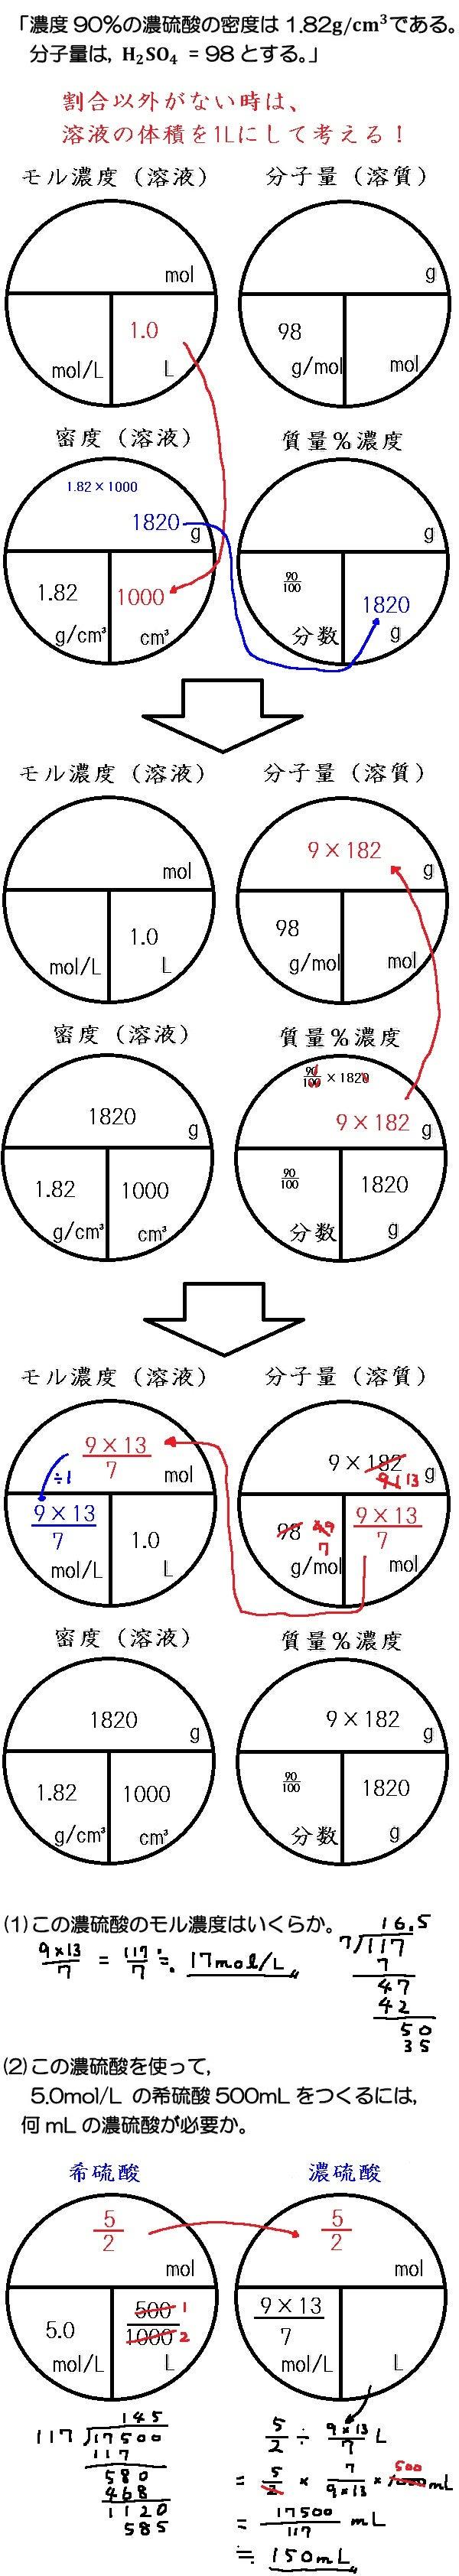 計算 モル 濃度